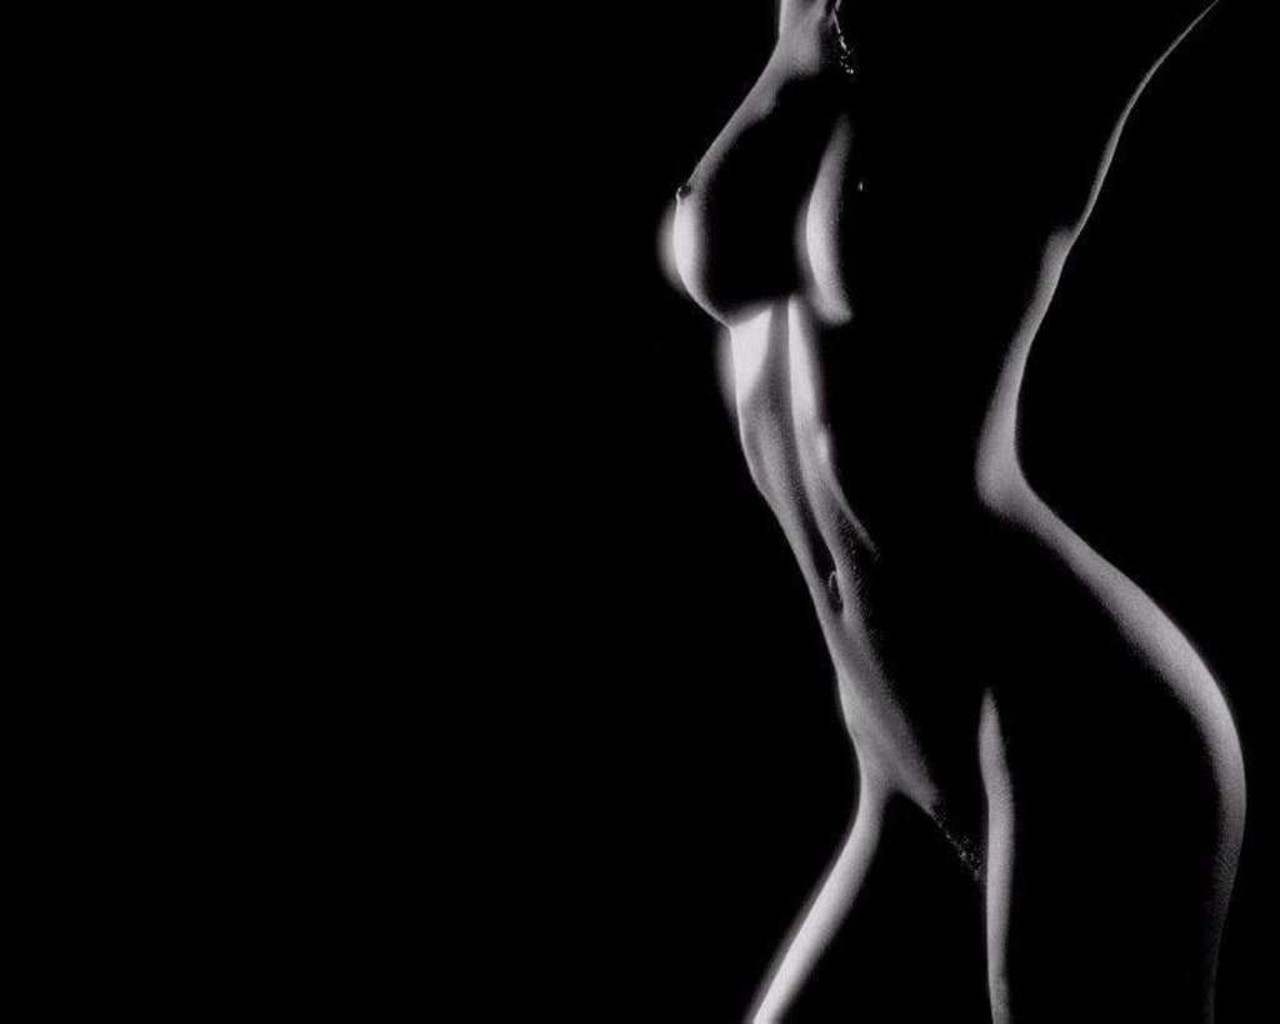 Эротический силуэт девушке 10 фотография